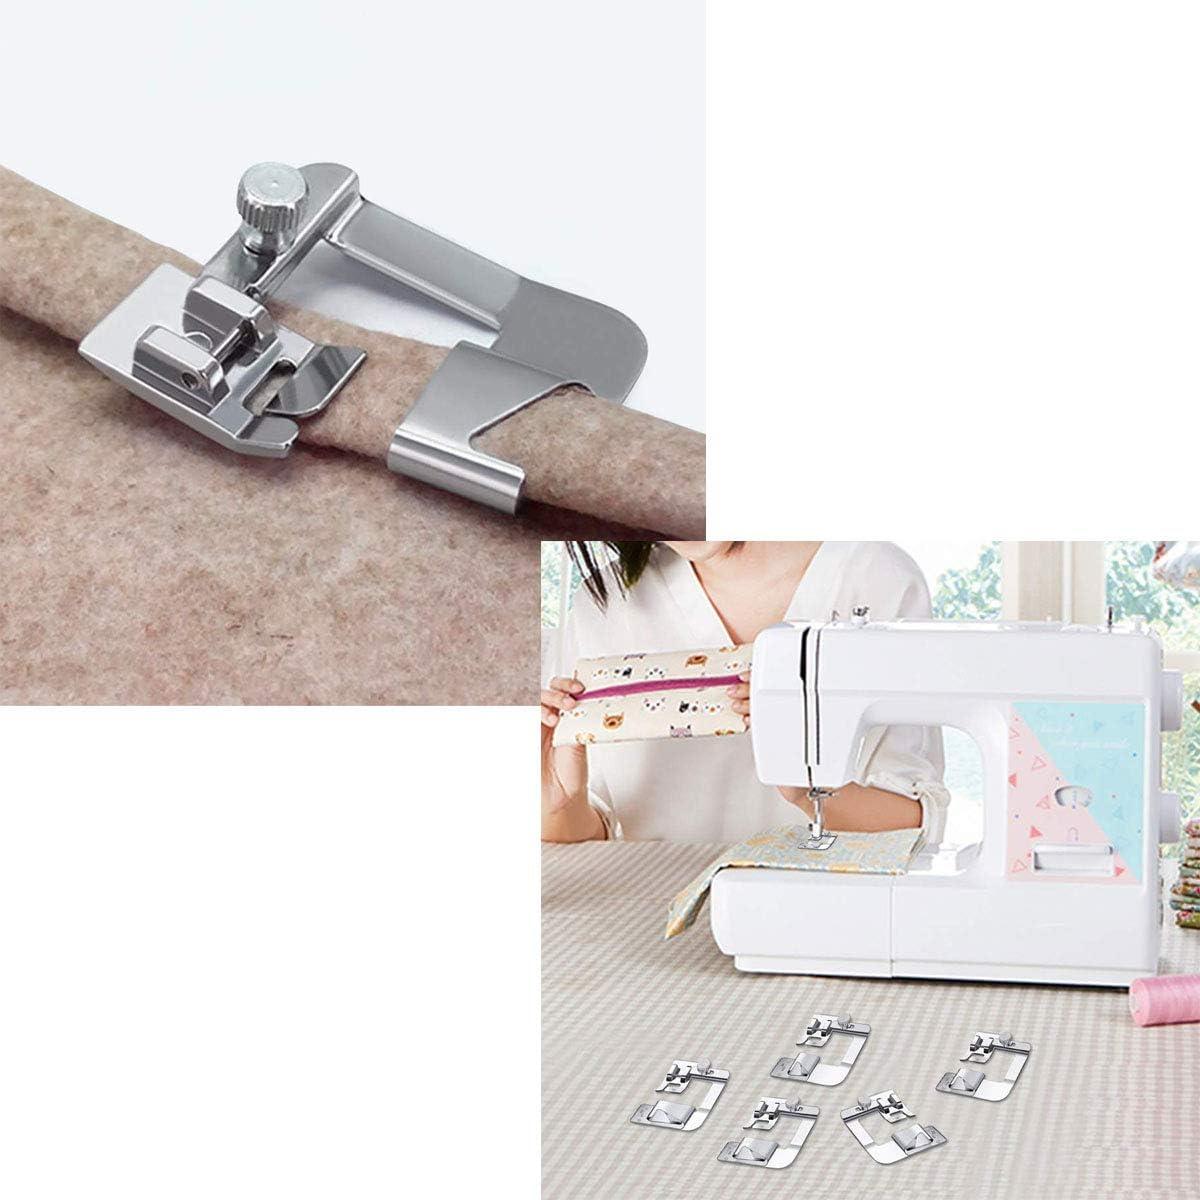 Prensatelas para Dobladillo Máquina de Coser,Tangger Prensatelas Máquina Coser Accesorios de Costura,6 Modelos,6PCS: Amazon.es: Hogar